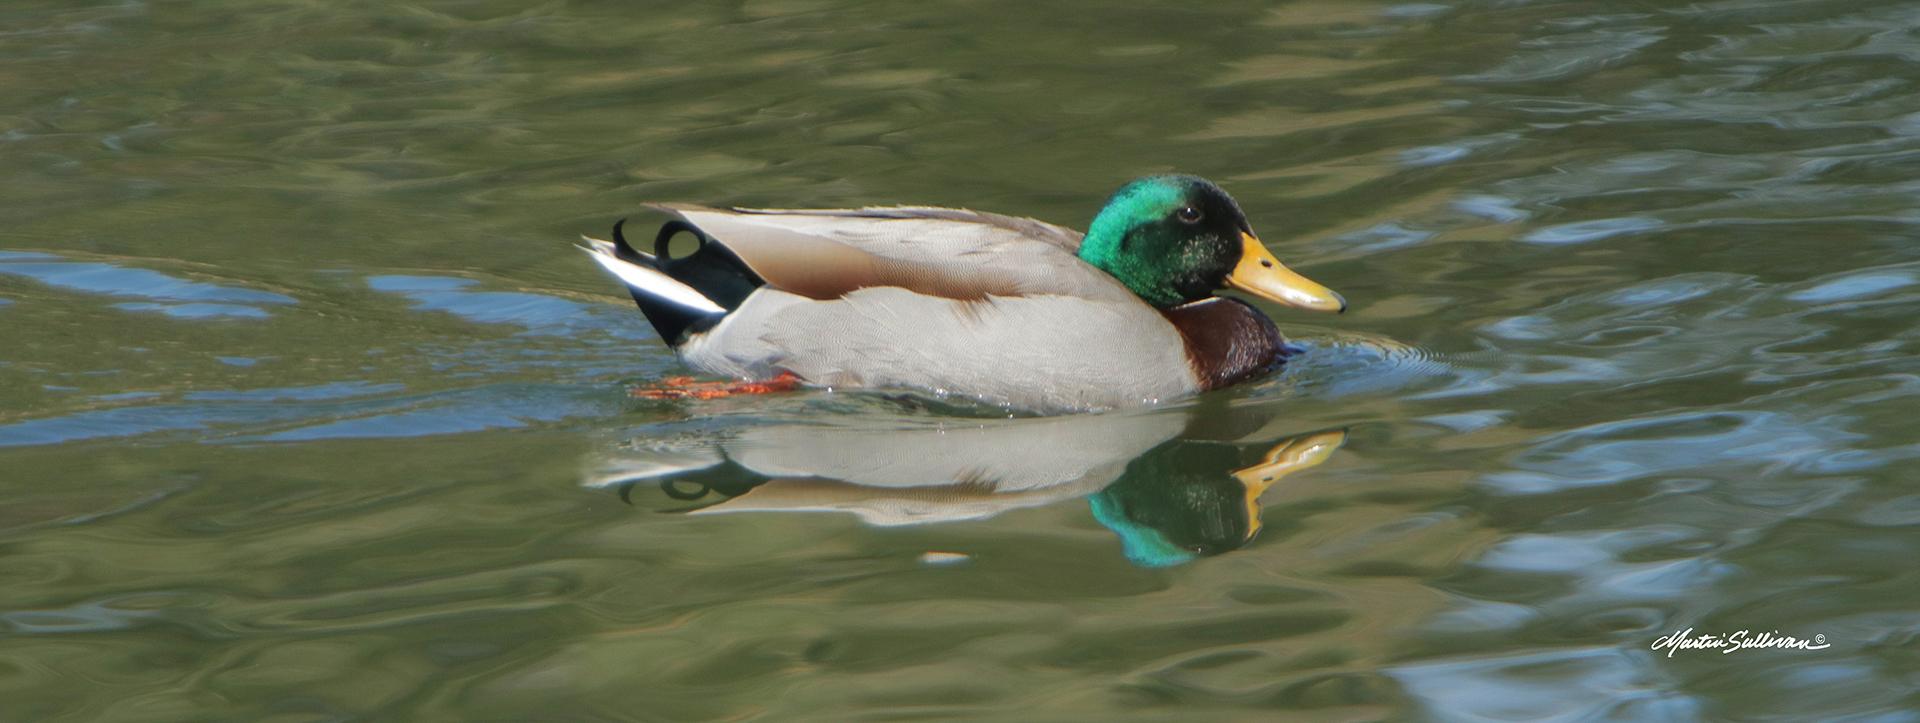 1x3-duck-sig-7113-W